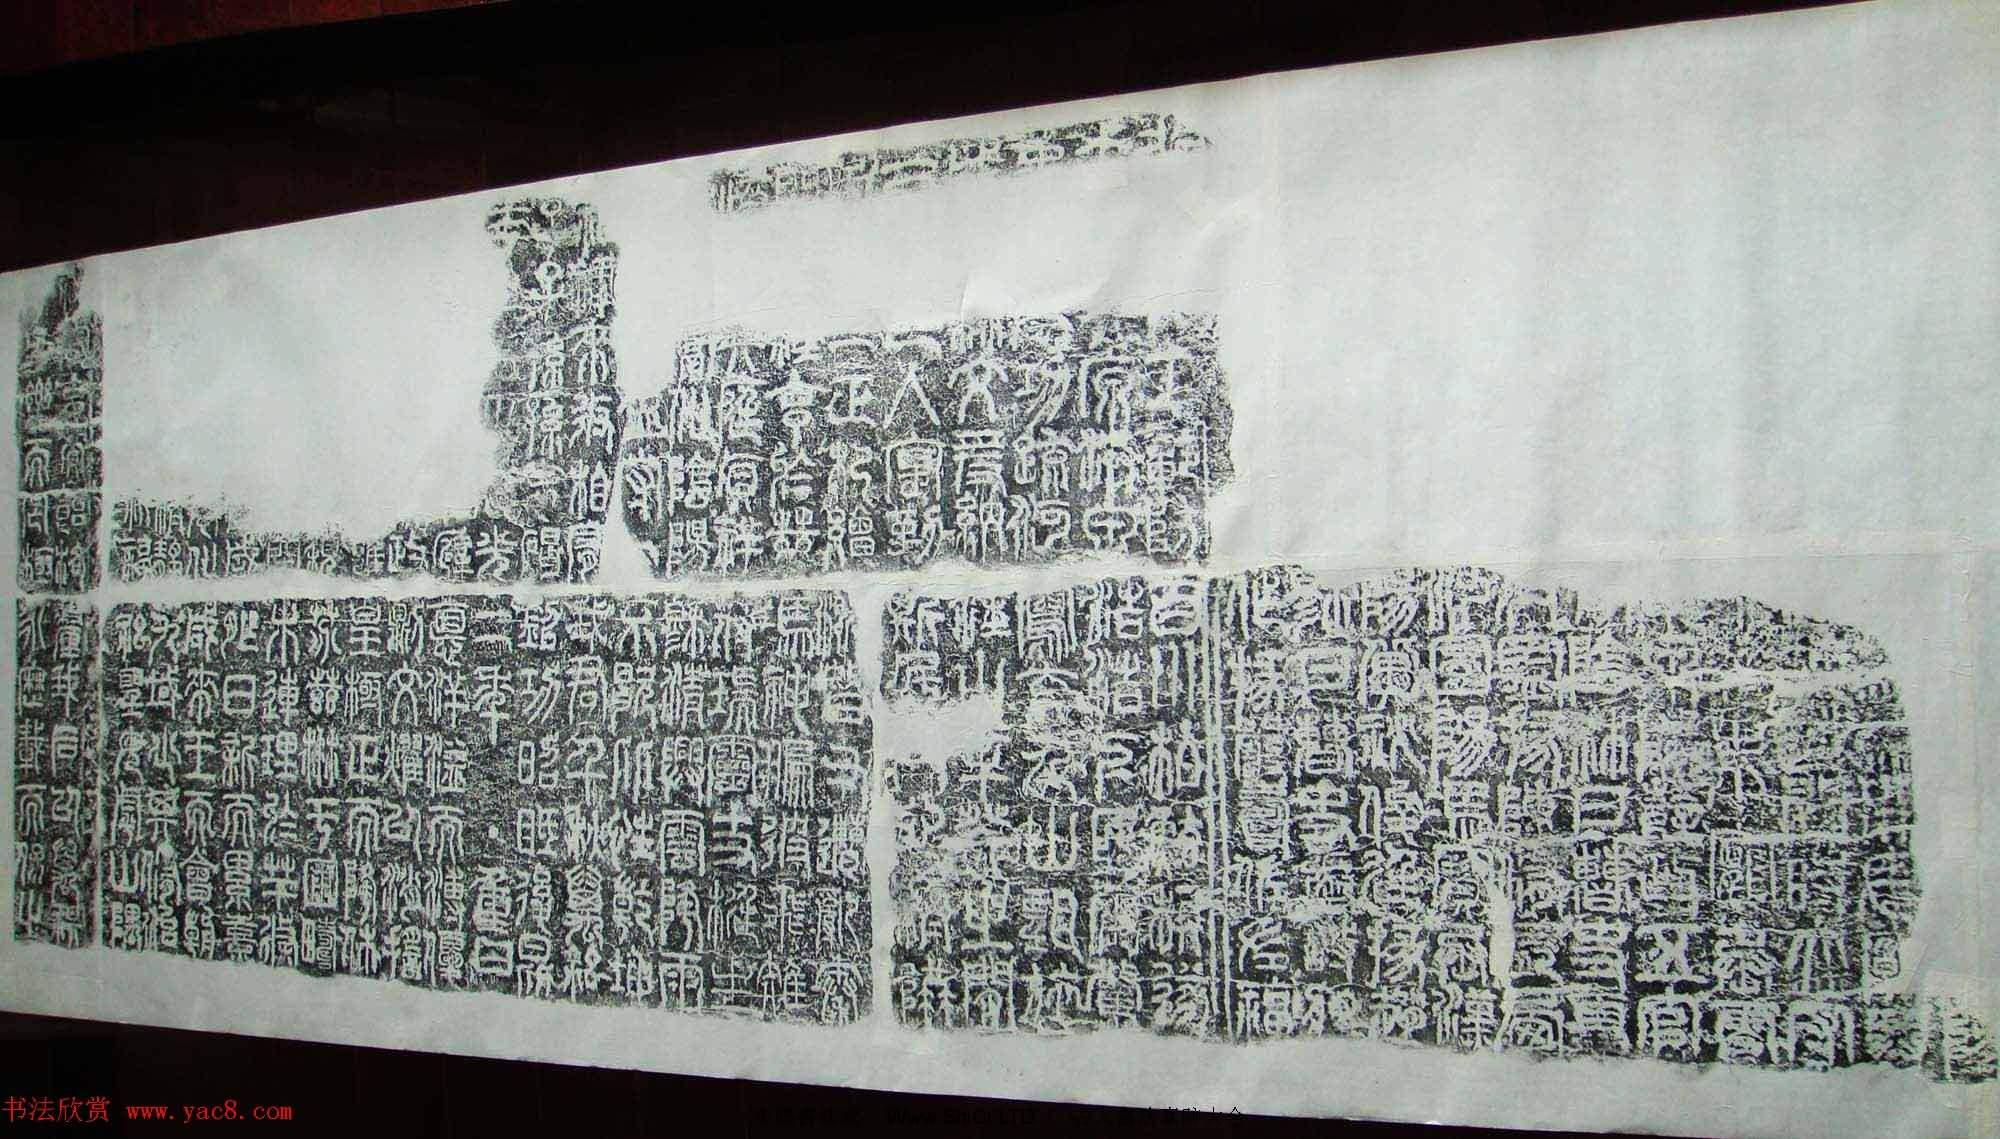 漢篆書真跡欣賞《開母廟石闕銘》整拓(共4張圖片)